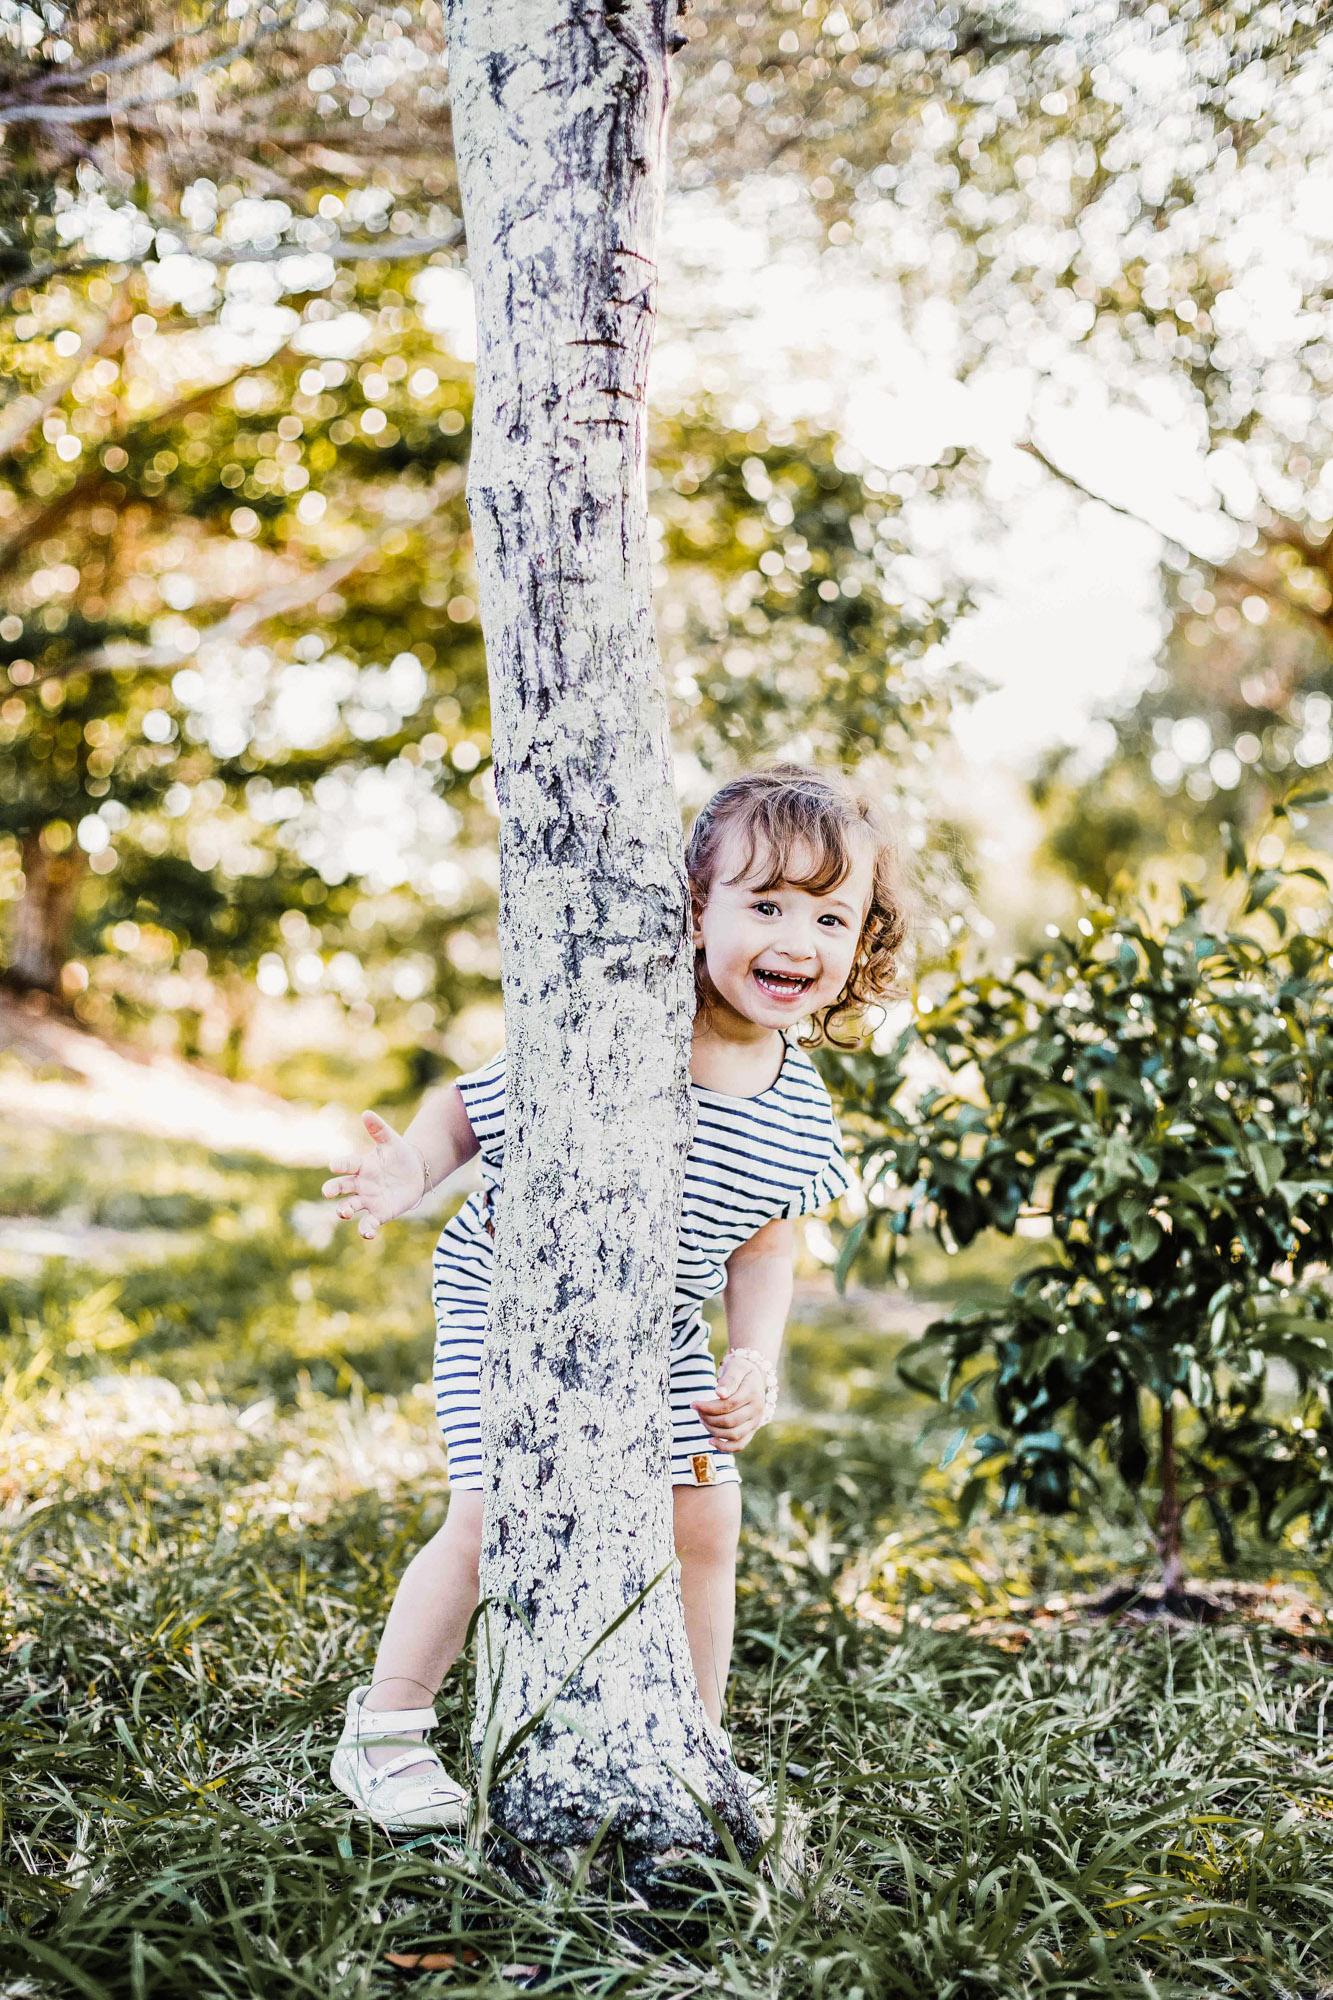 petite fille joue dans la forêt, se cache derrière un arbre et rigole